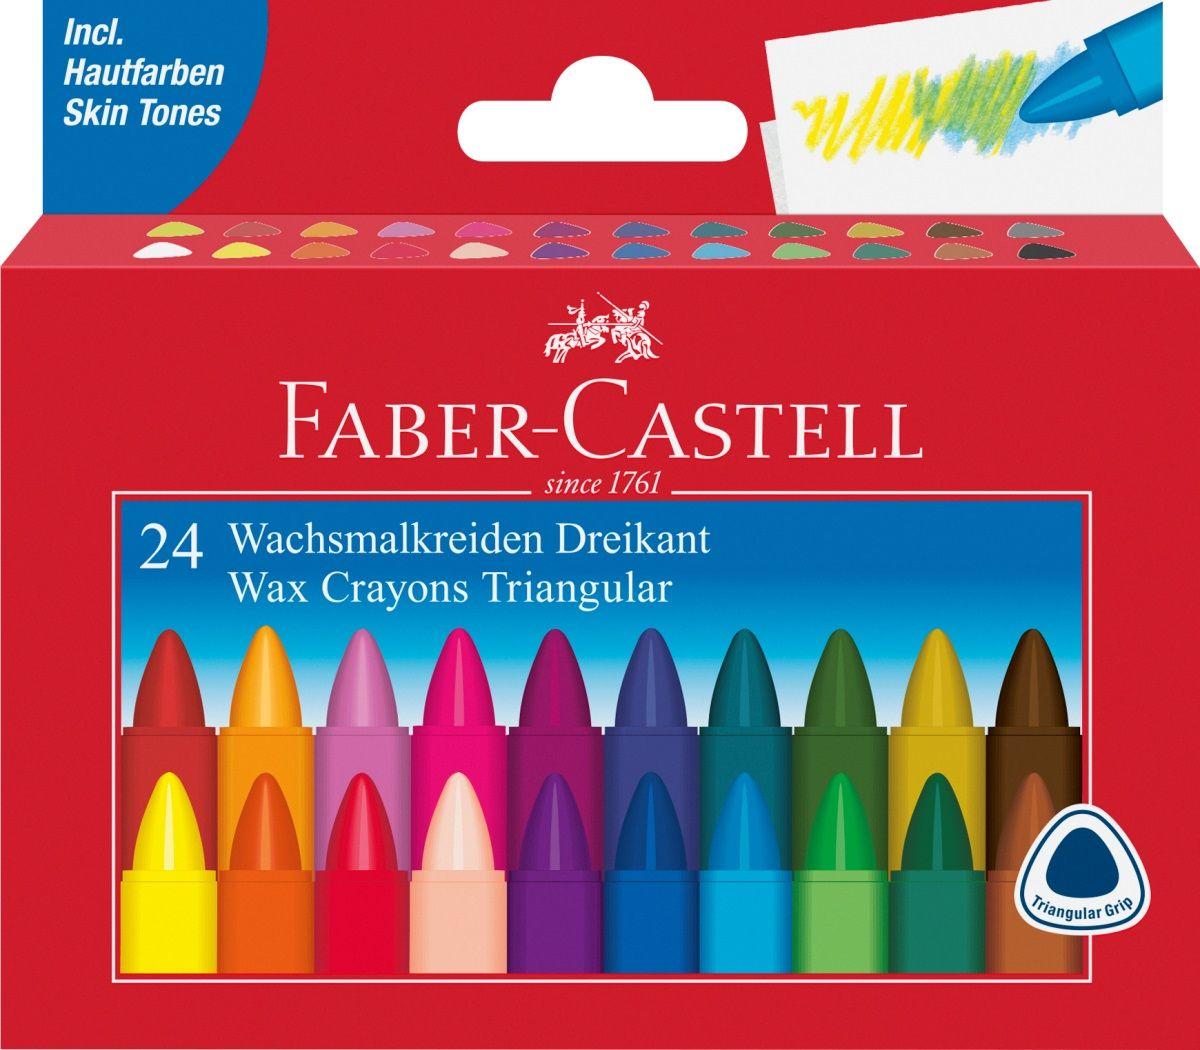 Faber-Castell Набор восковых карандашей Triangular трехгранные 24 цвета72523WD эргономичная трехгранная форма яркие цвета водоустойчивые пригодны для комбинирования различныхтехник захват, оснащенный защитной гигроскопичнойбумагой